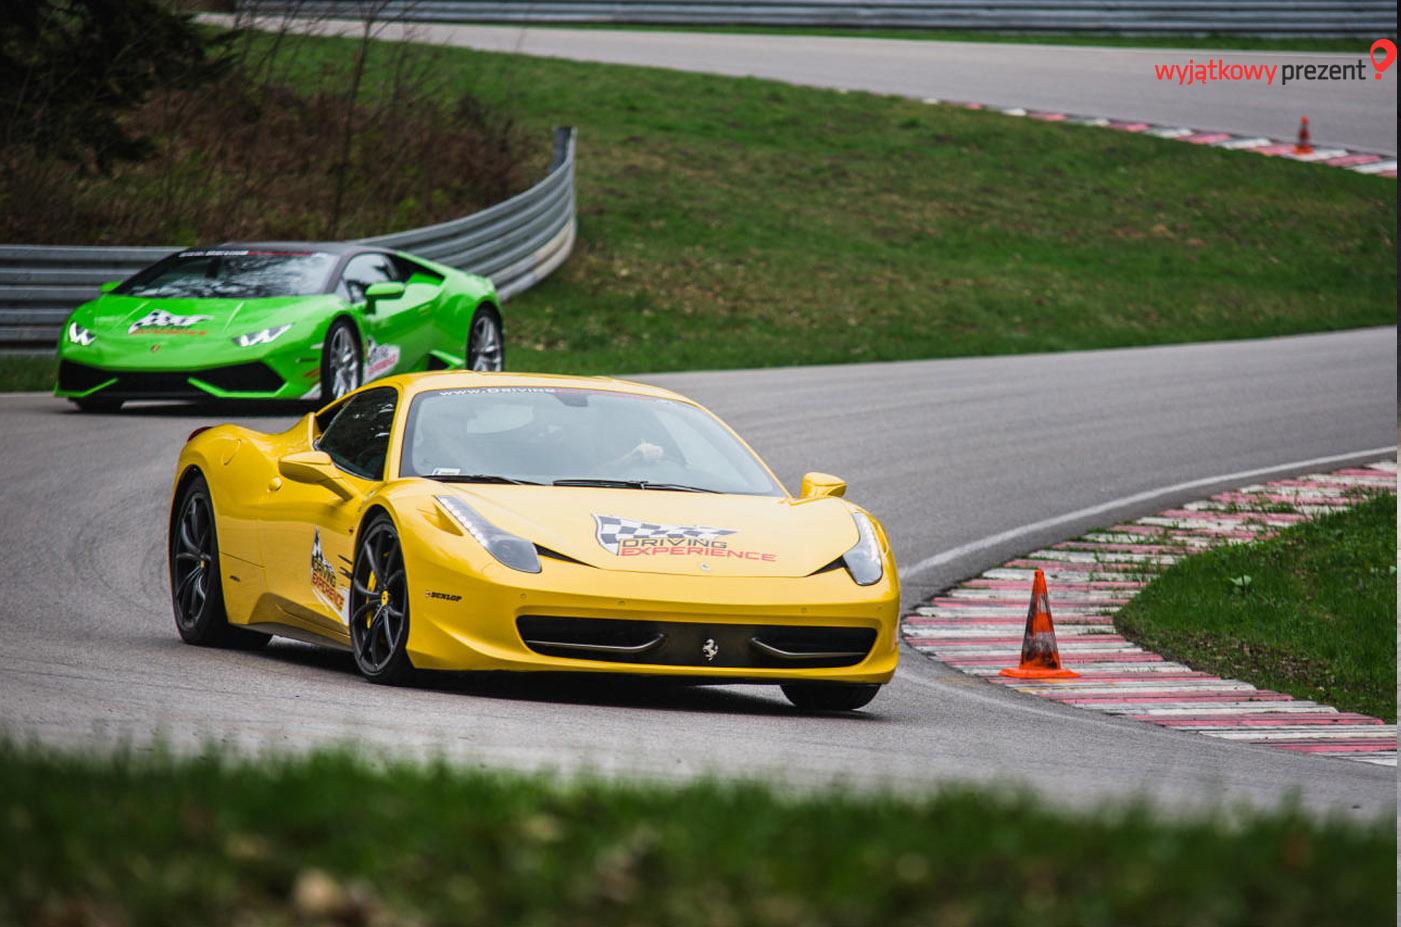 Ferrari 458 Italia i Lamborghini Huracan od wyjatkowyprezent.pl